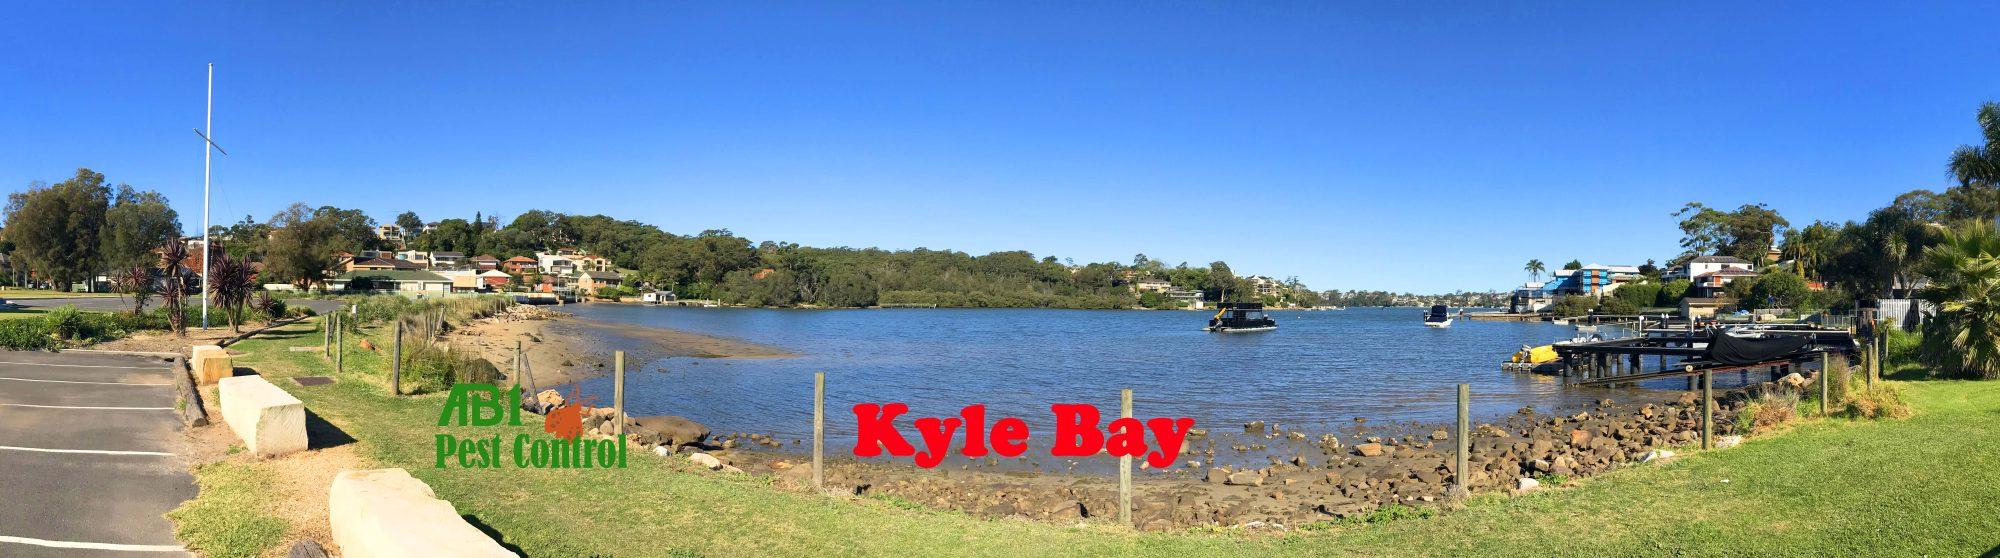 Kyle Bay Merriman Park